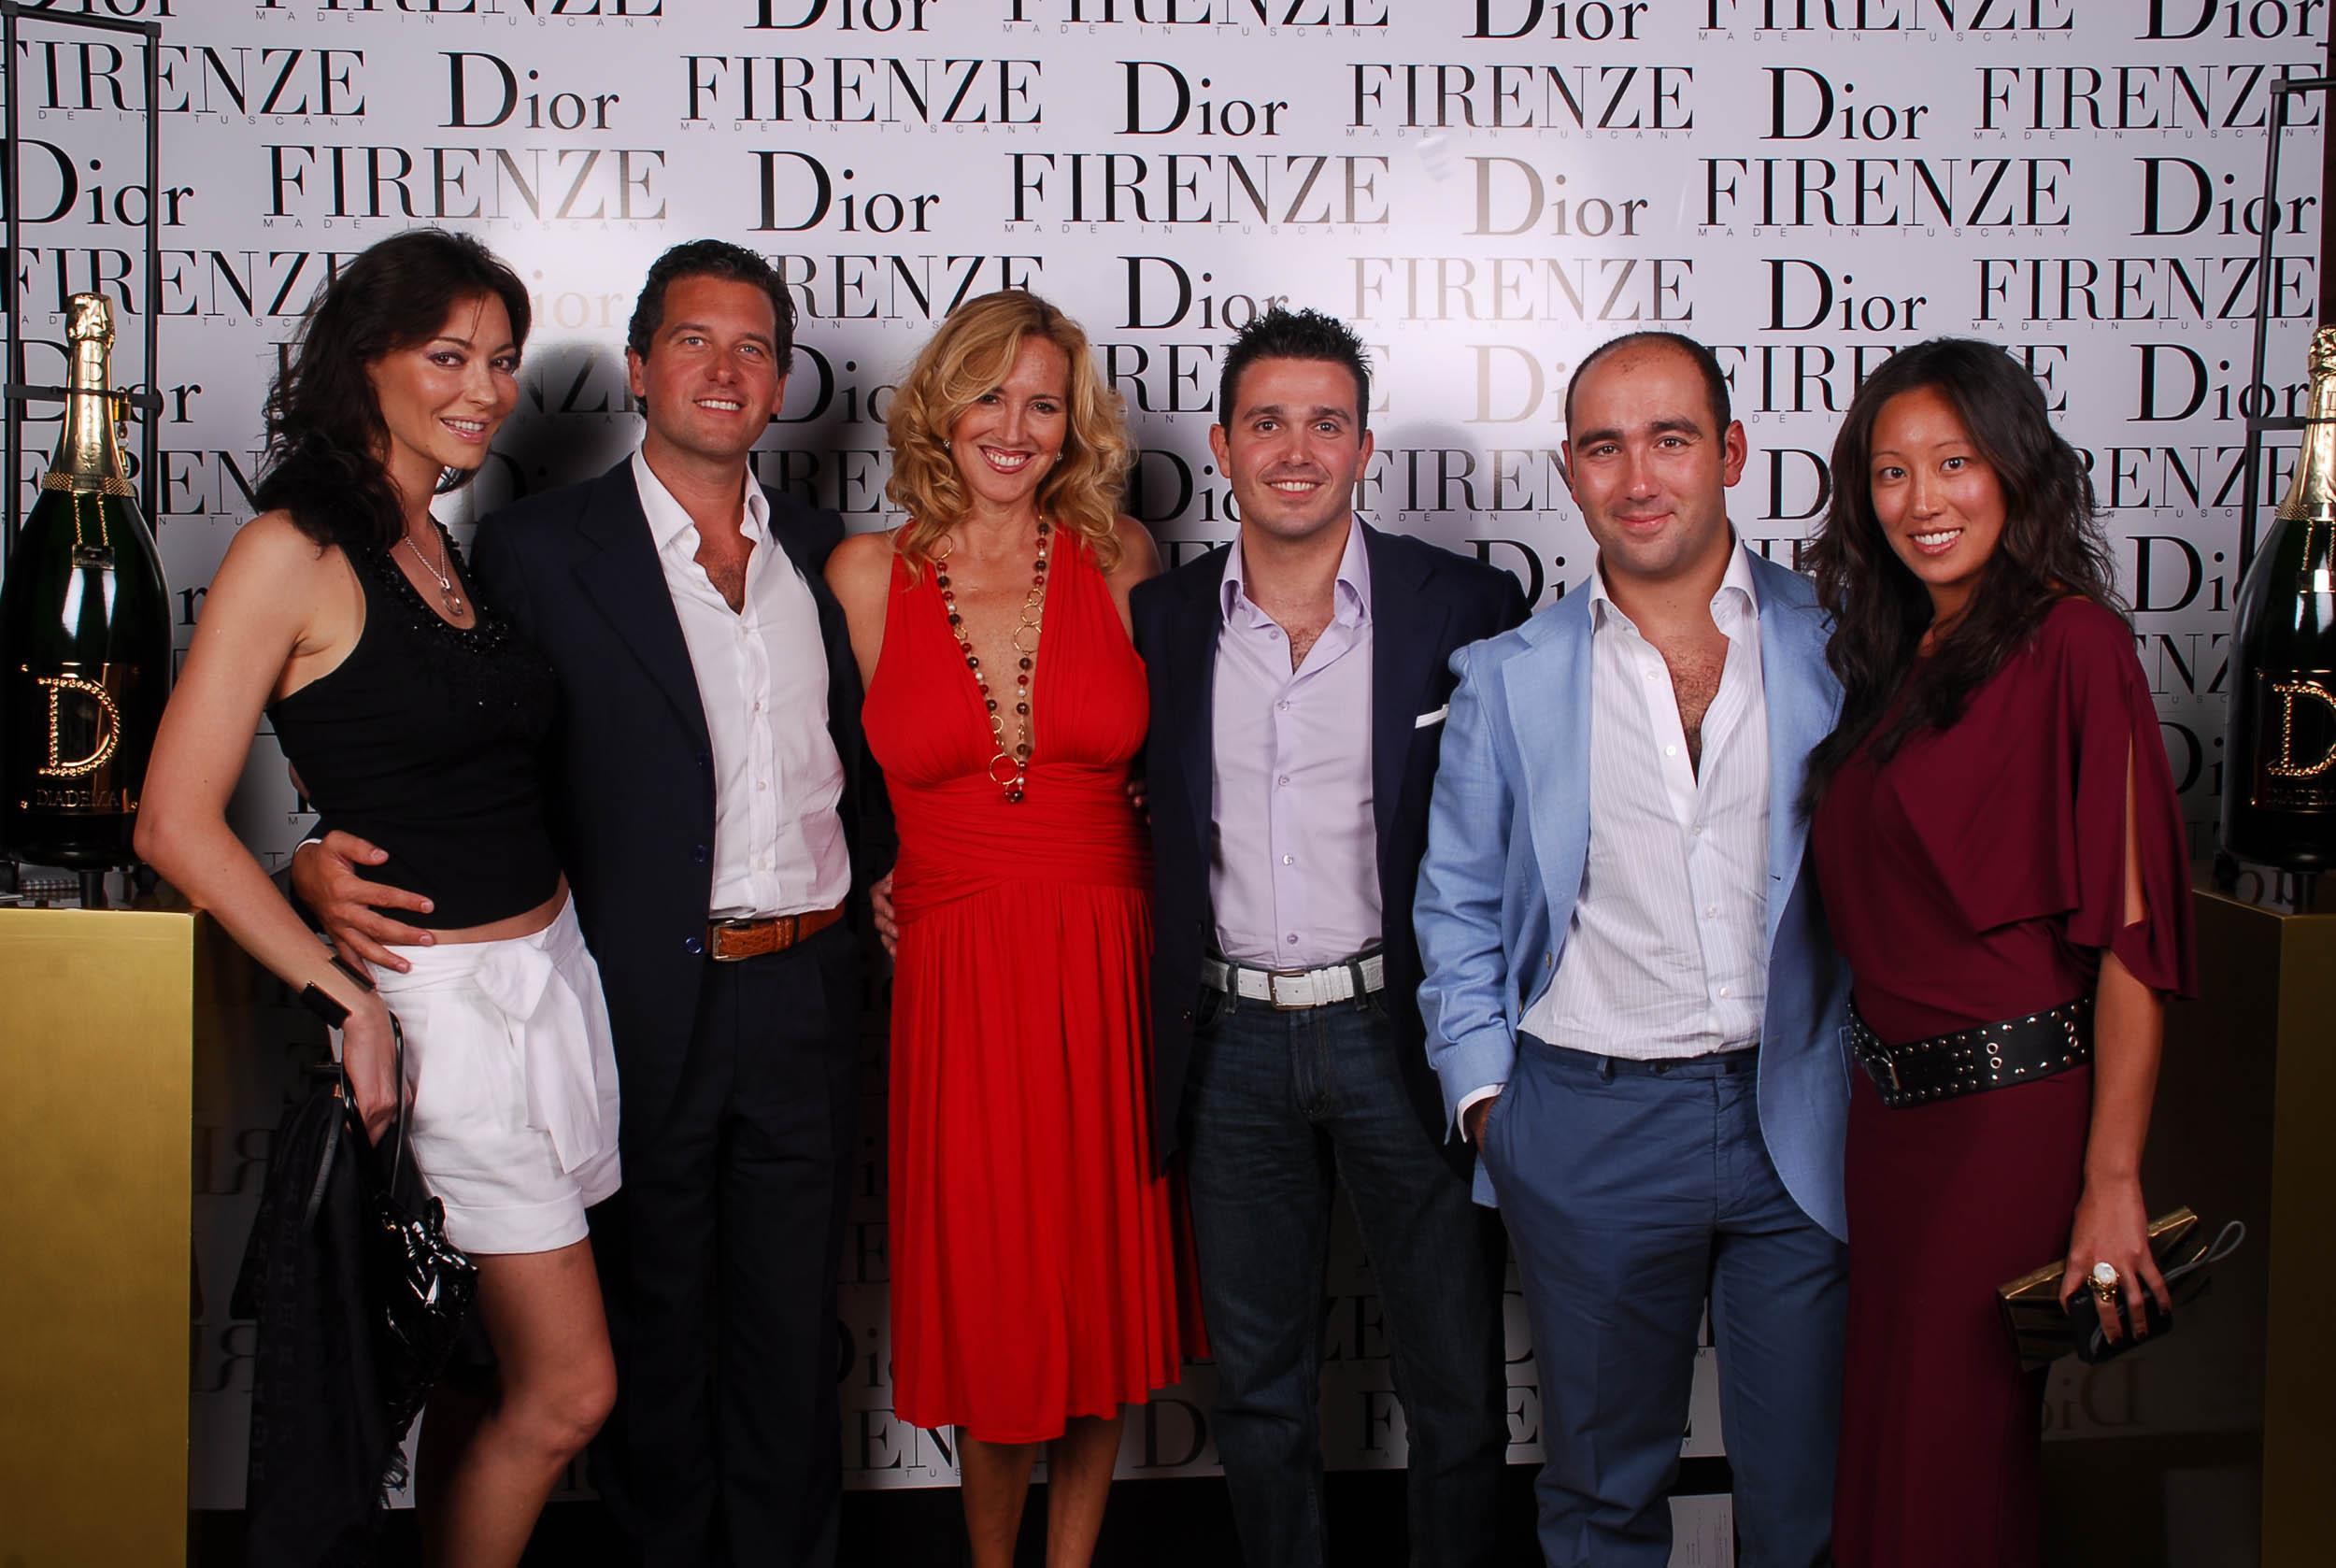 PRESSPHOTO  Firenze, evento Dior al teatro romano di Fiesole. Nella foto Ricci